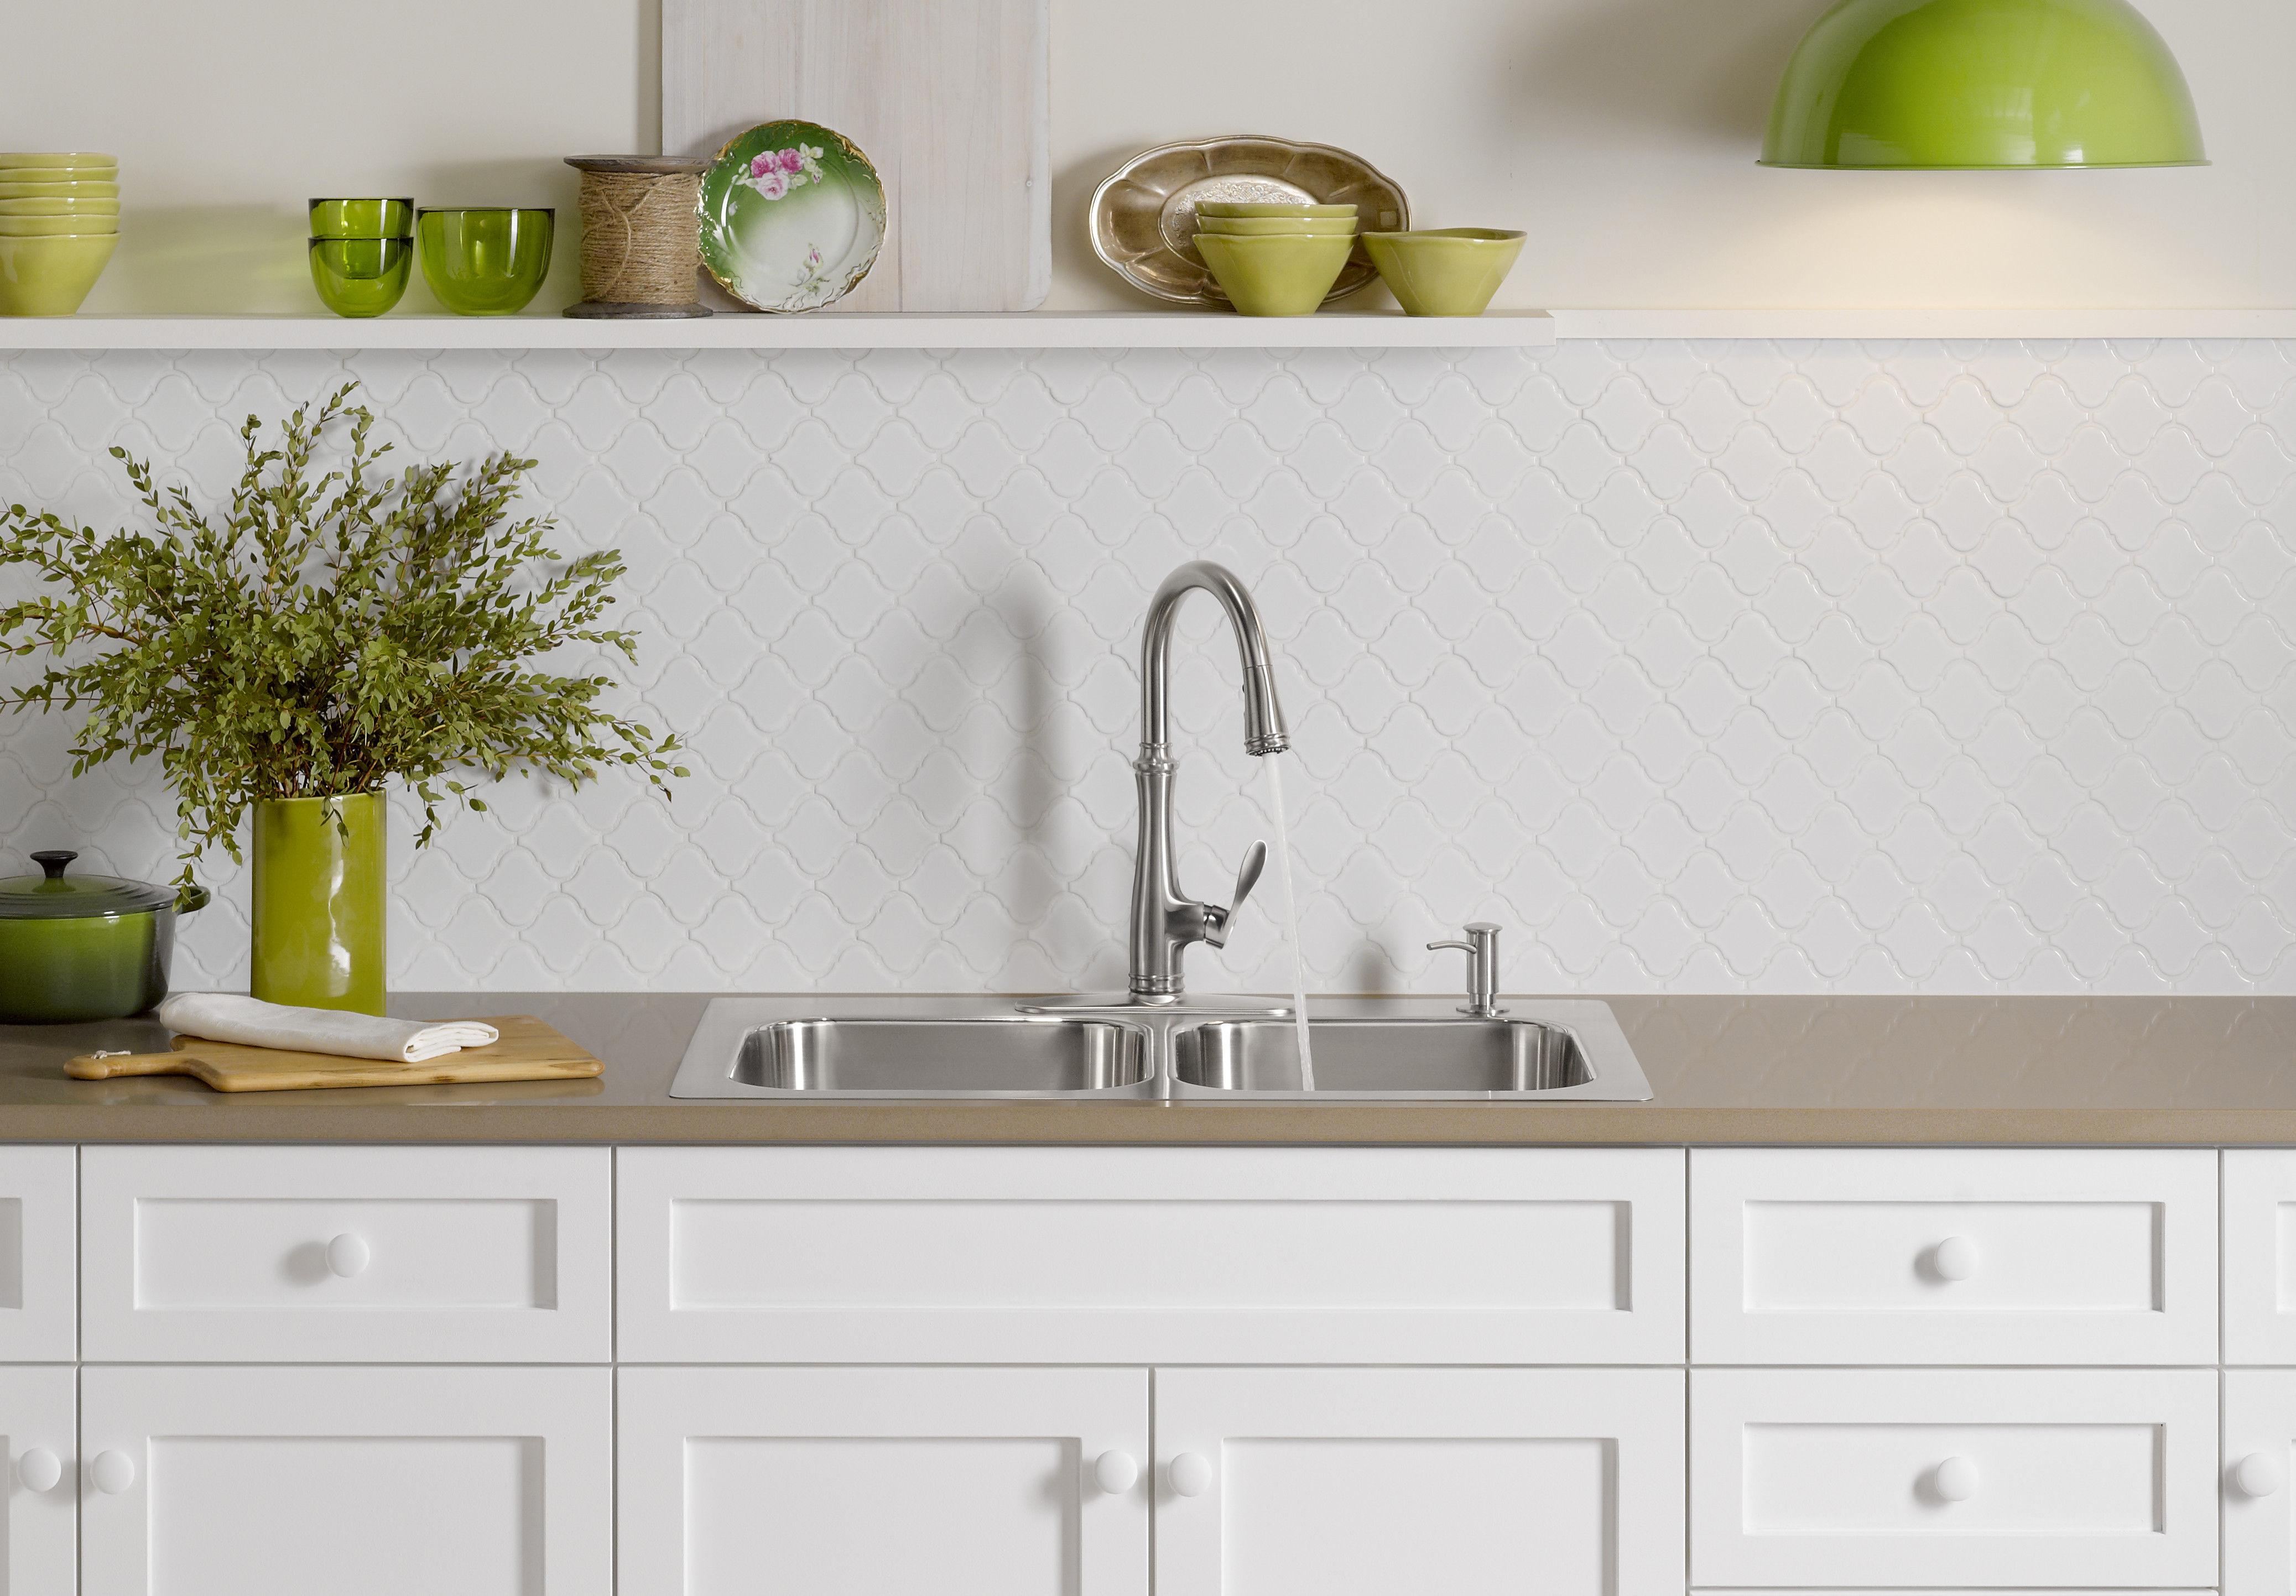 parts repair of kohler kitchen com faucets kraus faucet bellera kpf kraususa unique blog luxury